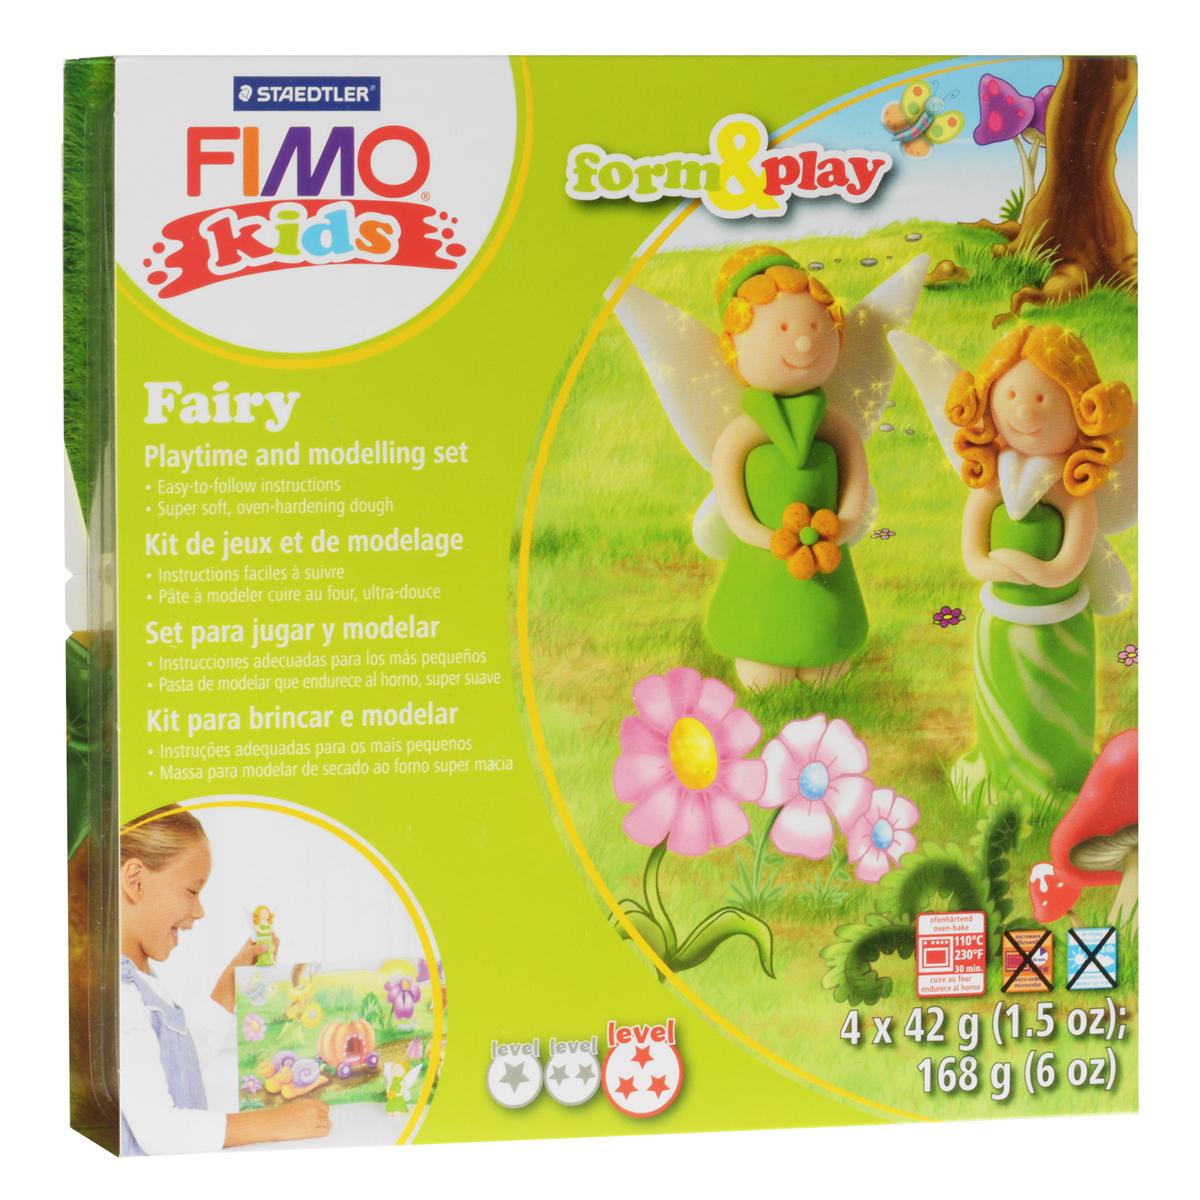 Набор для лепки Fimo Kids Фея8034 04 LZНабор для лепки Fimo Kids Фея представляет собой сочетание моделирования и игры. Набор включает в себя: 4 блока массы для лепки по 42 г (светло-зеленый, телесный, блестящий белый, блестящий золотой), стек для моделирования, игровая фоновая сцена. Входящая в набор полимерная глина разработана специально для детей, она мягкая, пластичная и ей легко придавать различные формы. Игровая фоновая сцена, изображенная на внутренней стороне упаковки, не только доставит дополнительное удовольствие от игры, но и вдохновит на новые идеи моделирования. При помощи этого набора ваш малыш сможет своими руками изготовить красивые фигурки фей. В домашних условиях готовая поделка выпекается в духовом шкафу при температуре 110°С в течении 15-30 минут (в зависимости от величины изделия). Отвердевшие изделия могут быть раскрашены акриловыми красками, покрыты лаком, склеены друг с другом или с другими материалами.